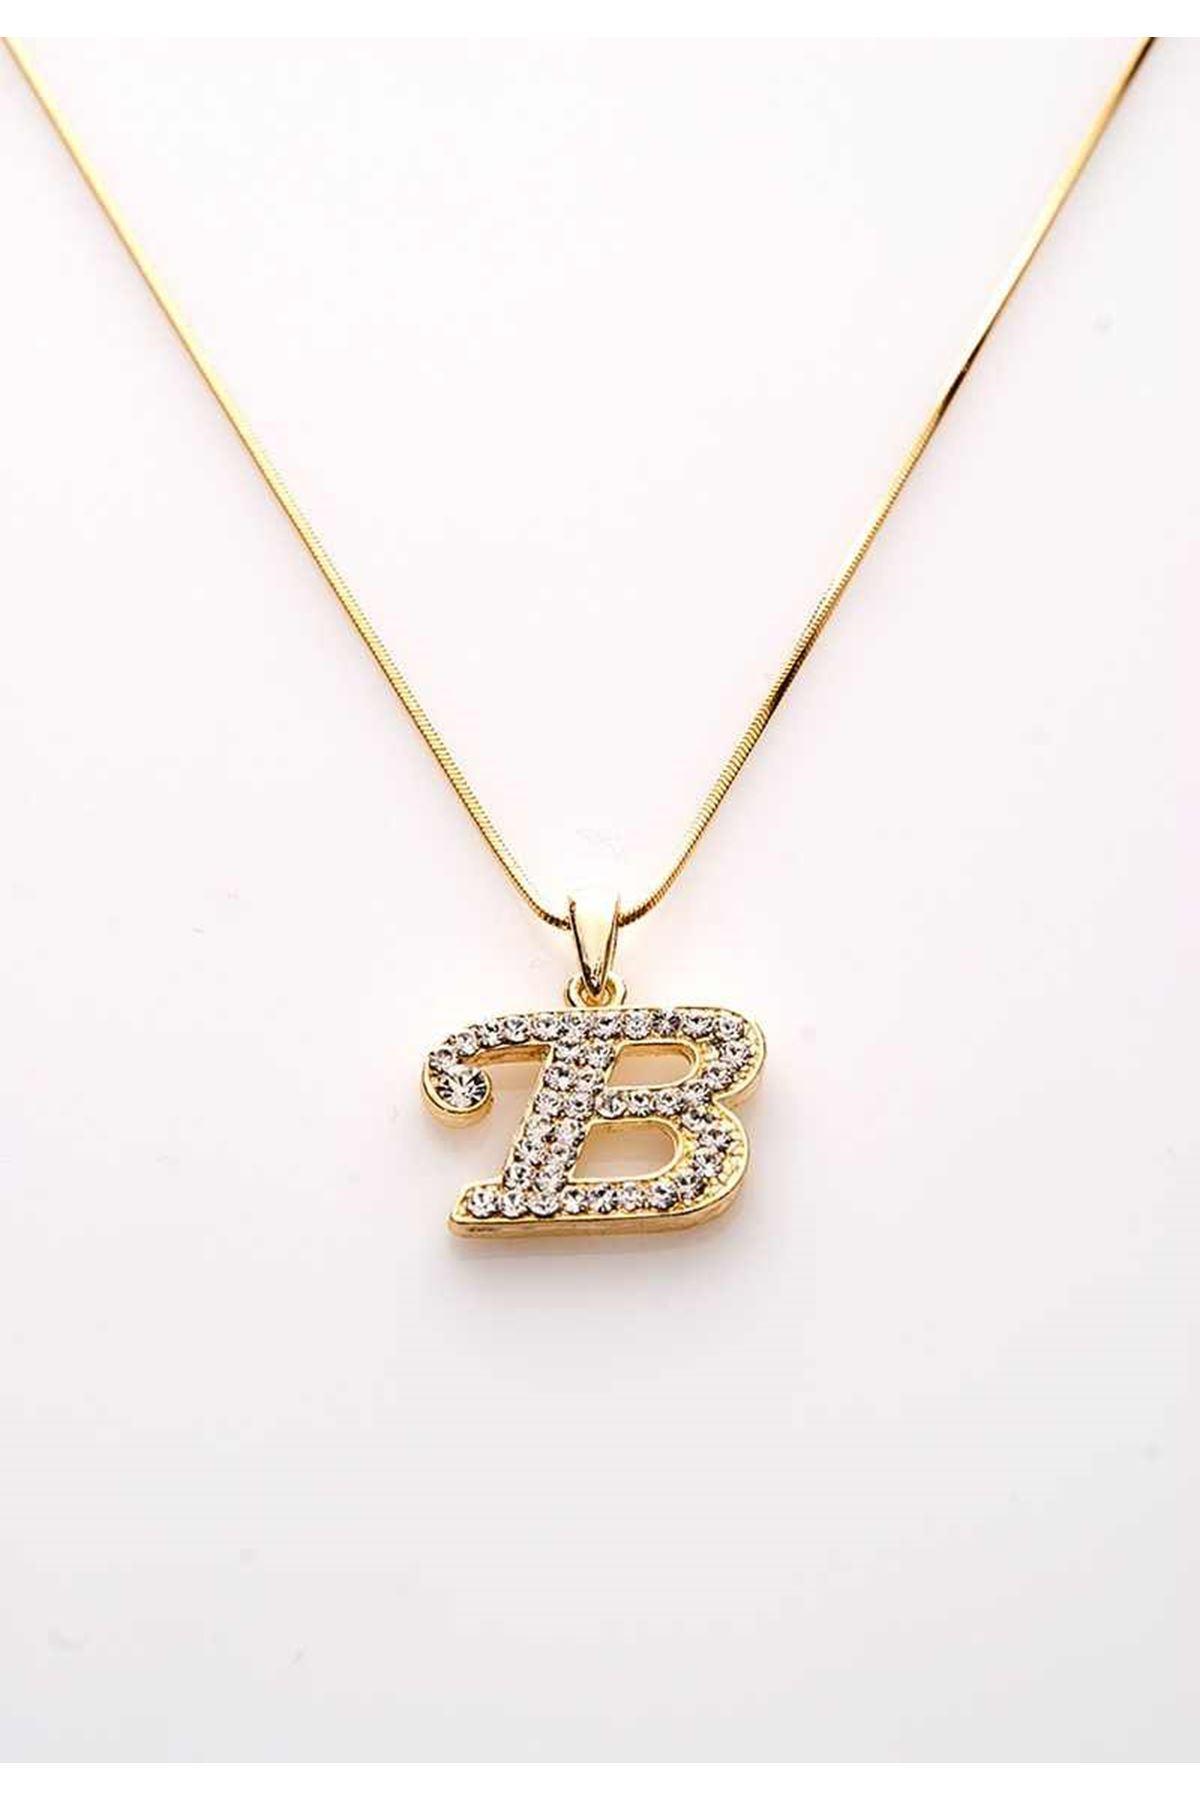 Gold Taşlı B Harf Kolye 11Ç-107839